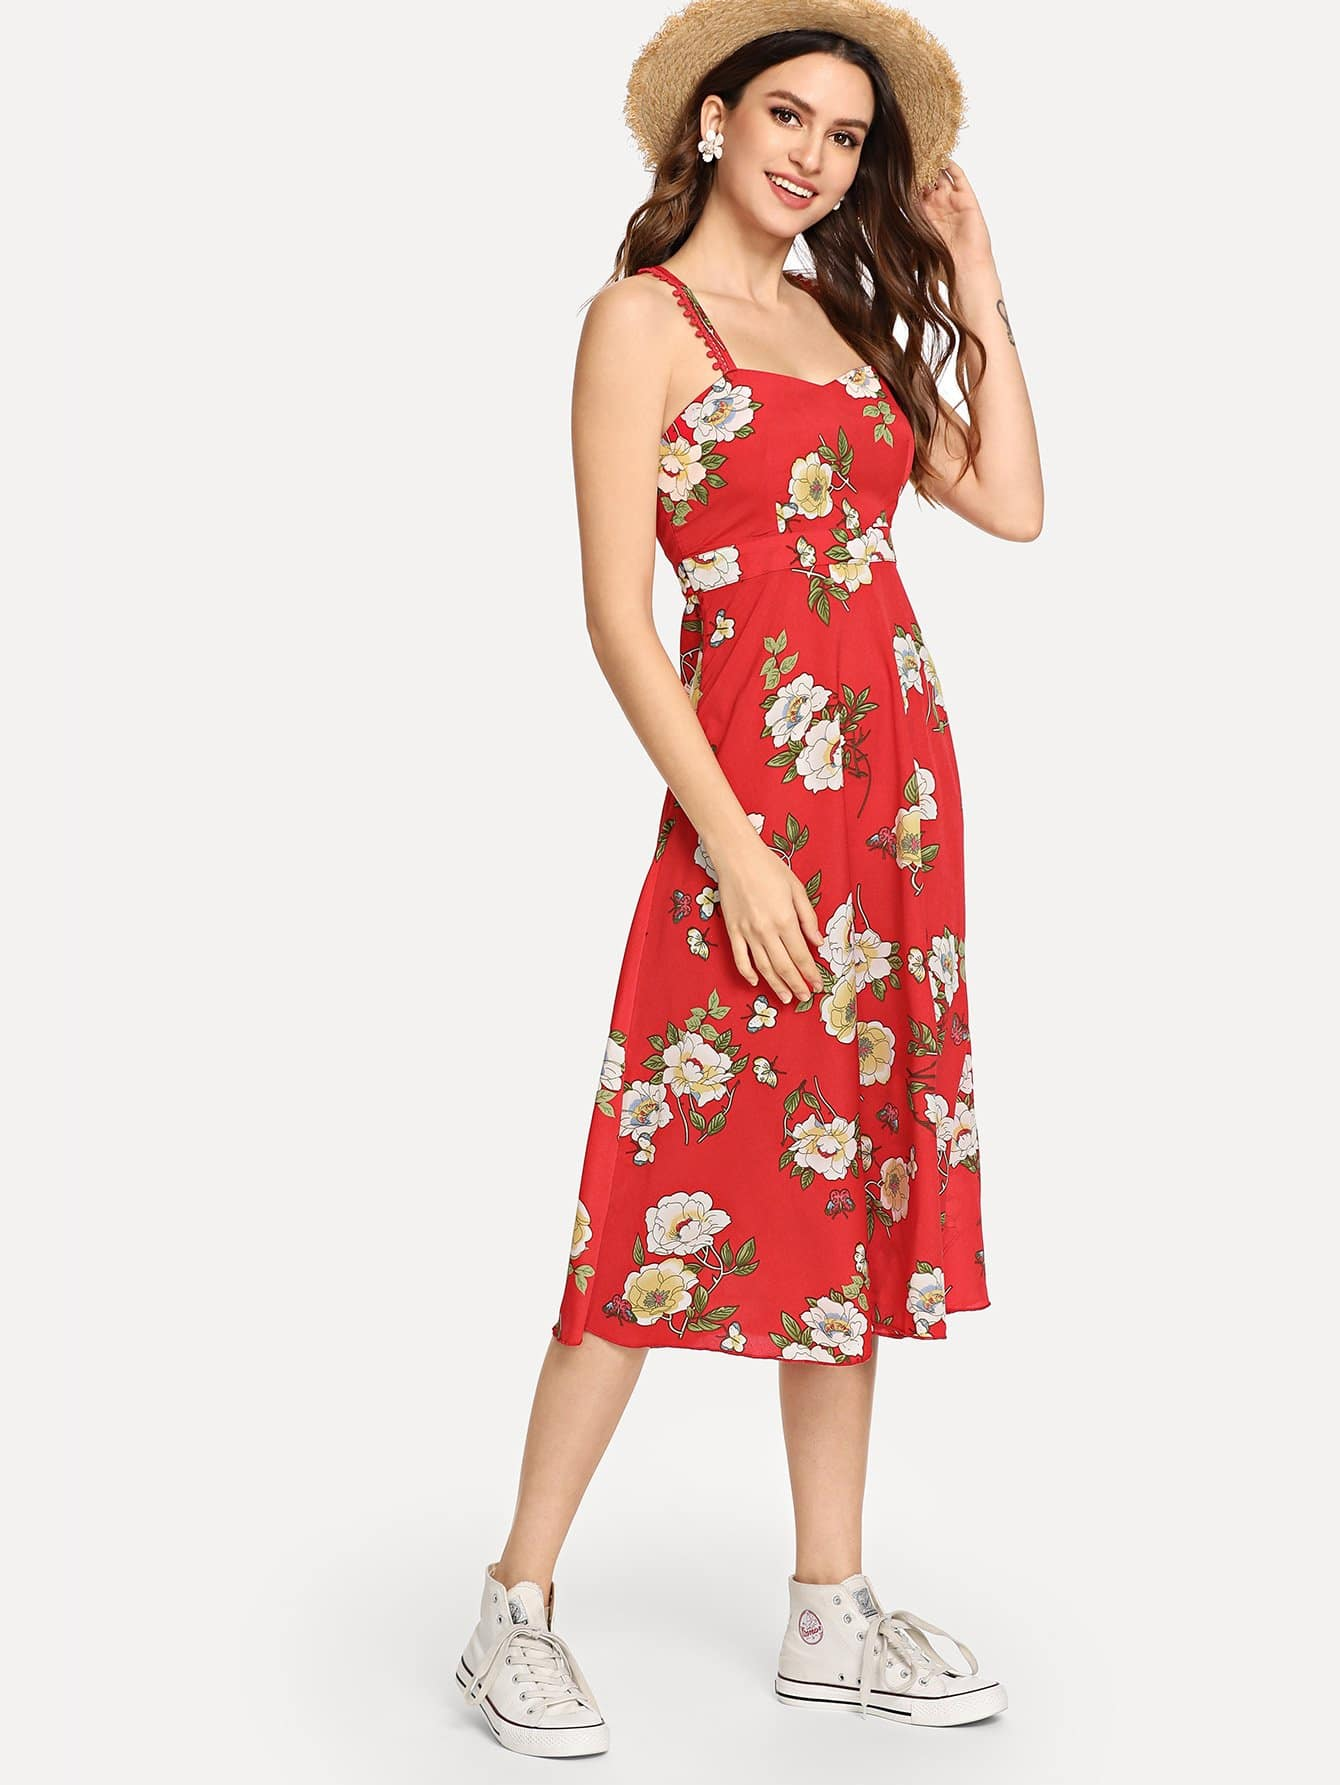 Купить Ситцевое платье на бретелях и с лентами пересечения сзади одежды, Jana, SheIn